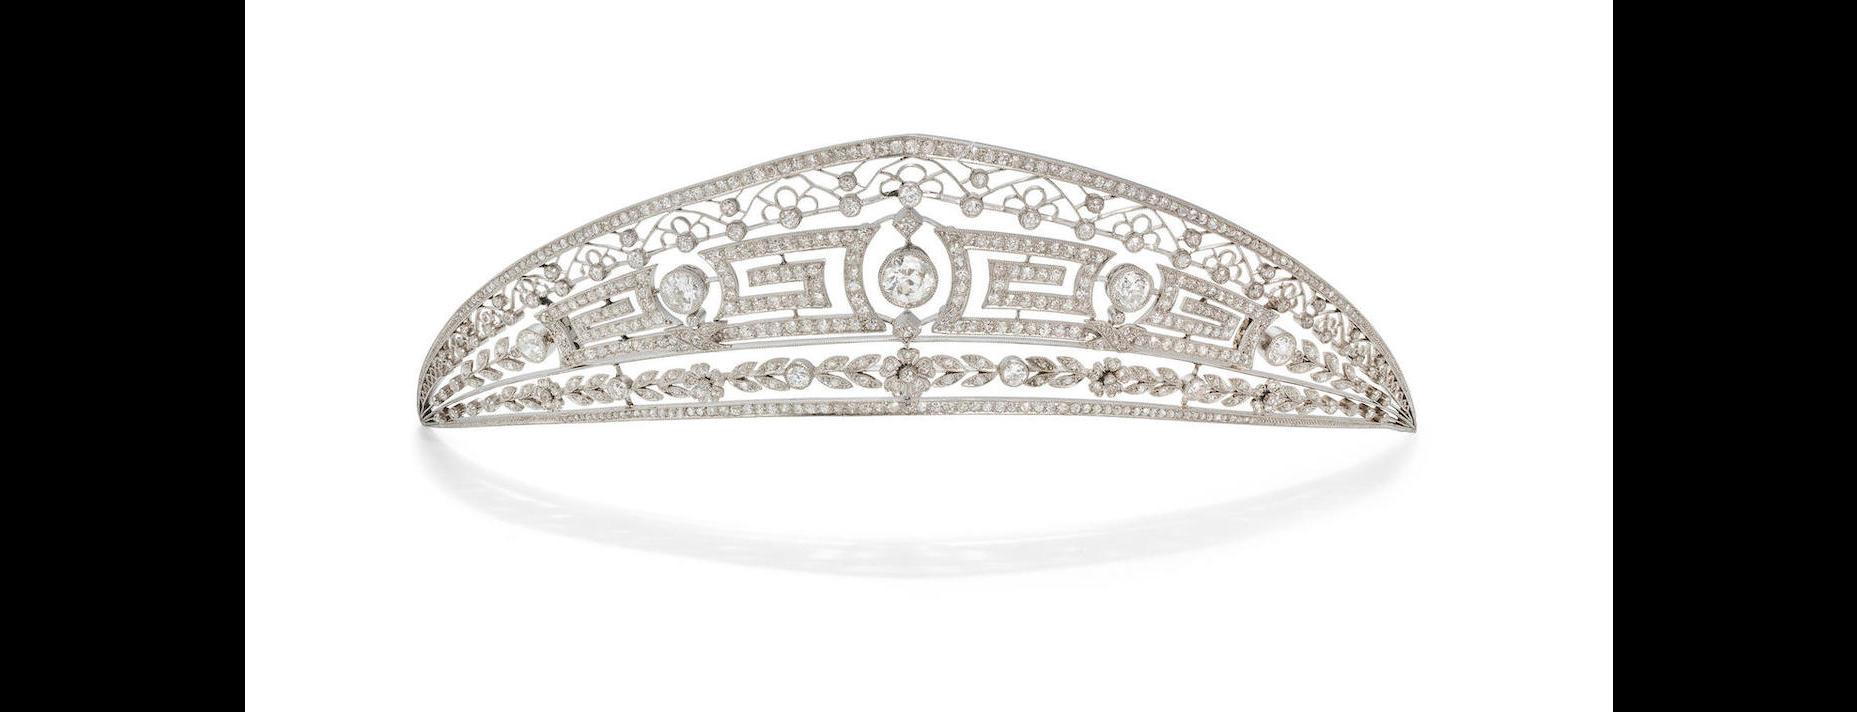 The top tiara of the 1900 'double diamond' Ansorena tiara